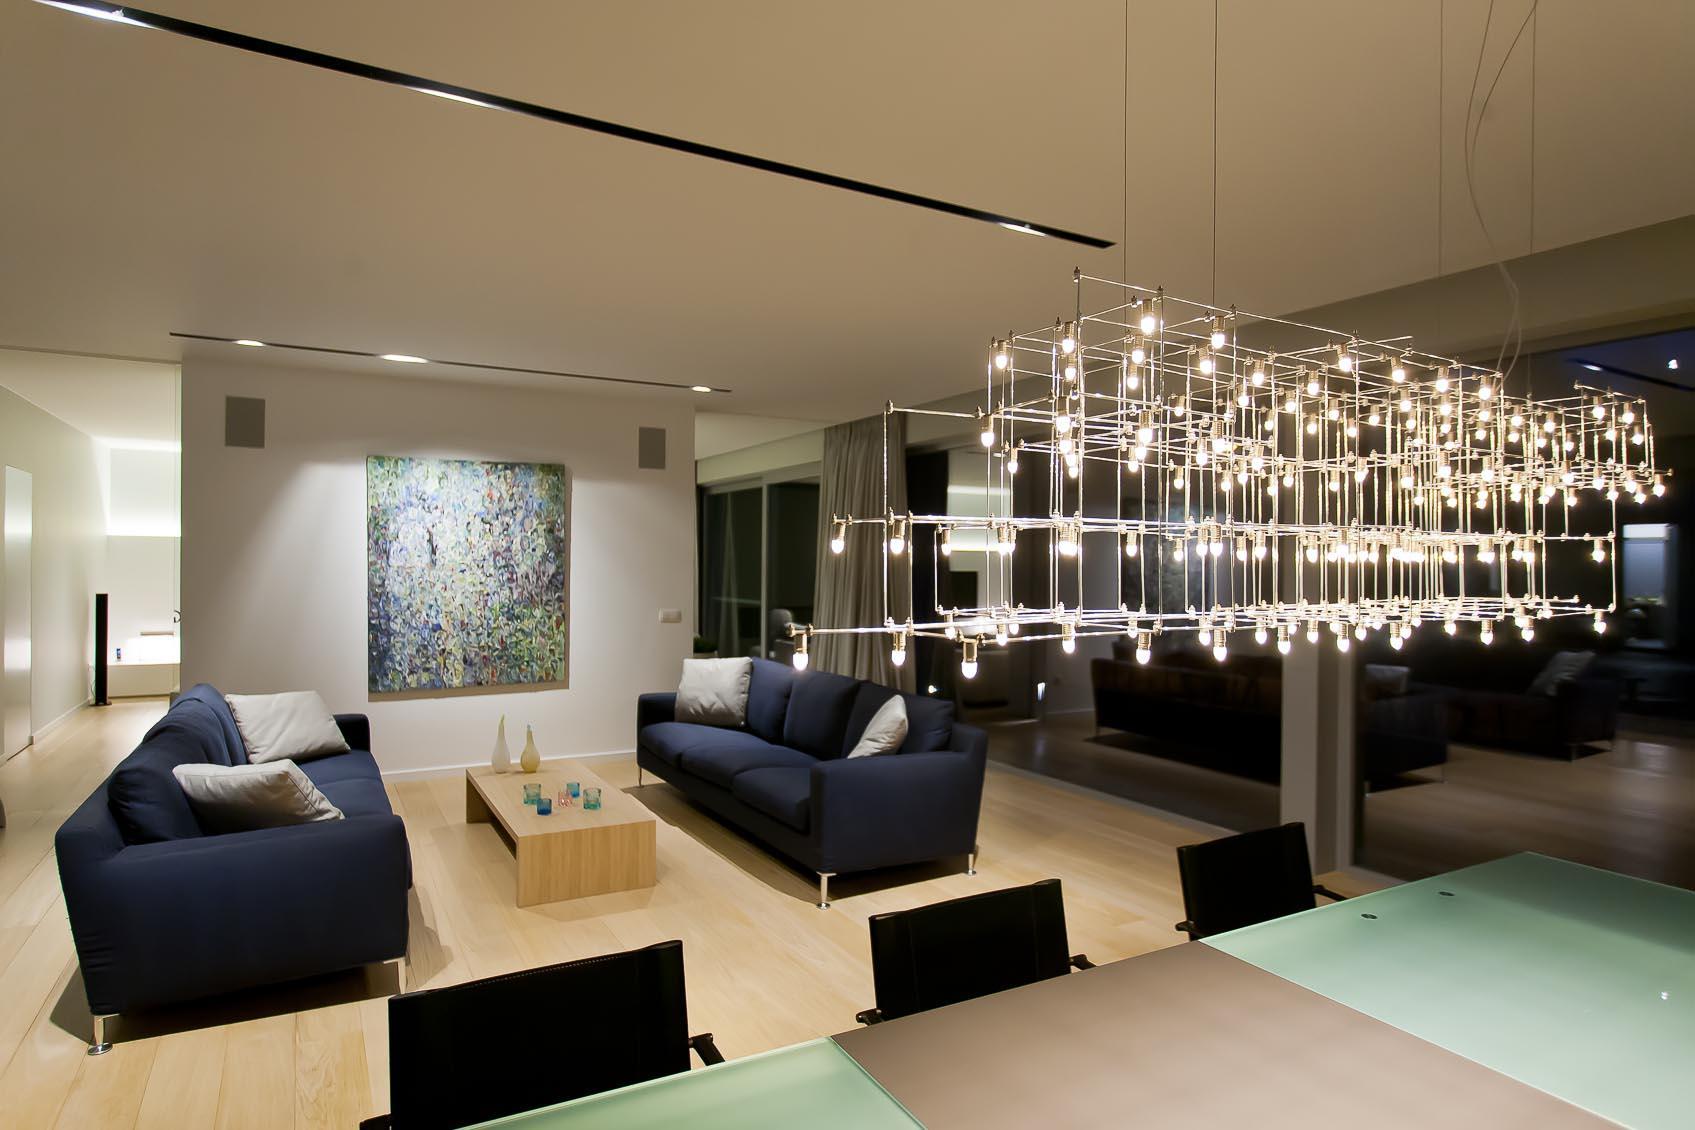 kunstzinnig maatwerk lichtobject jan pauwels zorgt voor de juiste warme sfeer in strakke woning